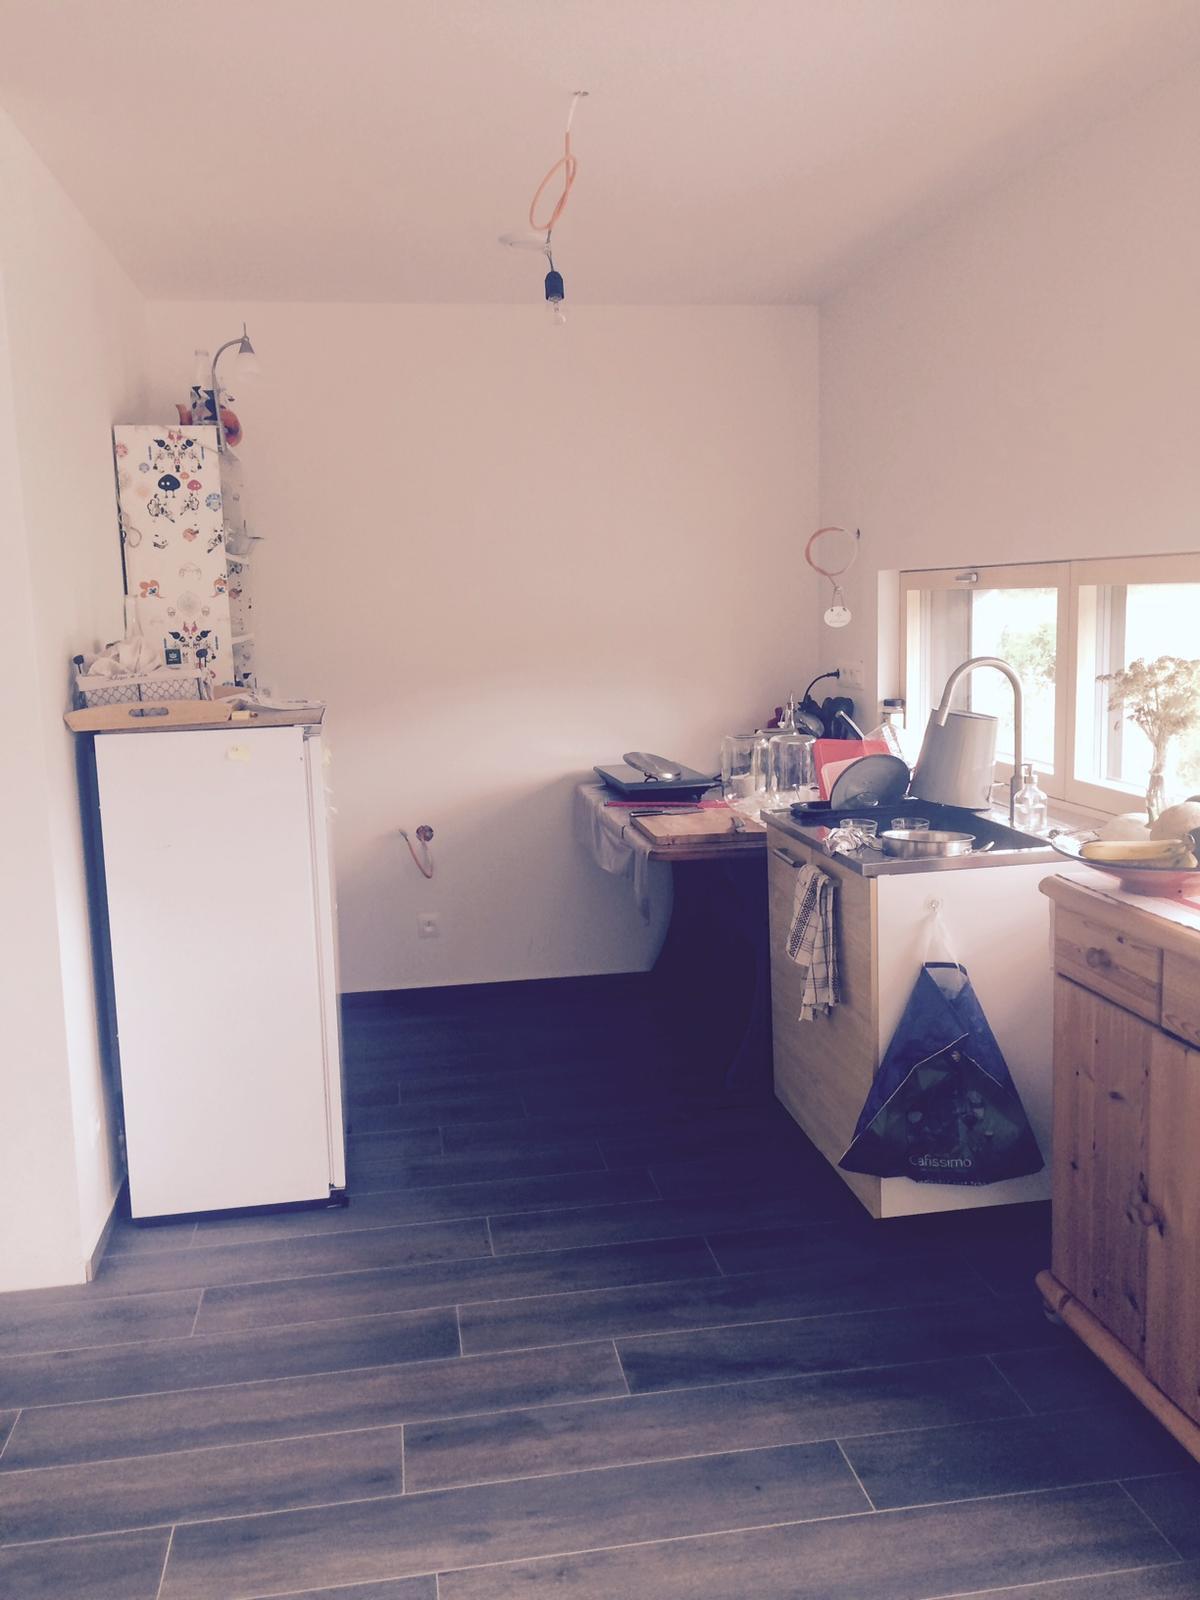 """Sedliacky dom, alias naša """"sýpka"""" - kuchyna zatial takto provizorne - """"kazdy pes ina ves"""" :-) na dobre treba cakat :-)"""